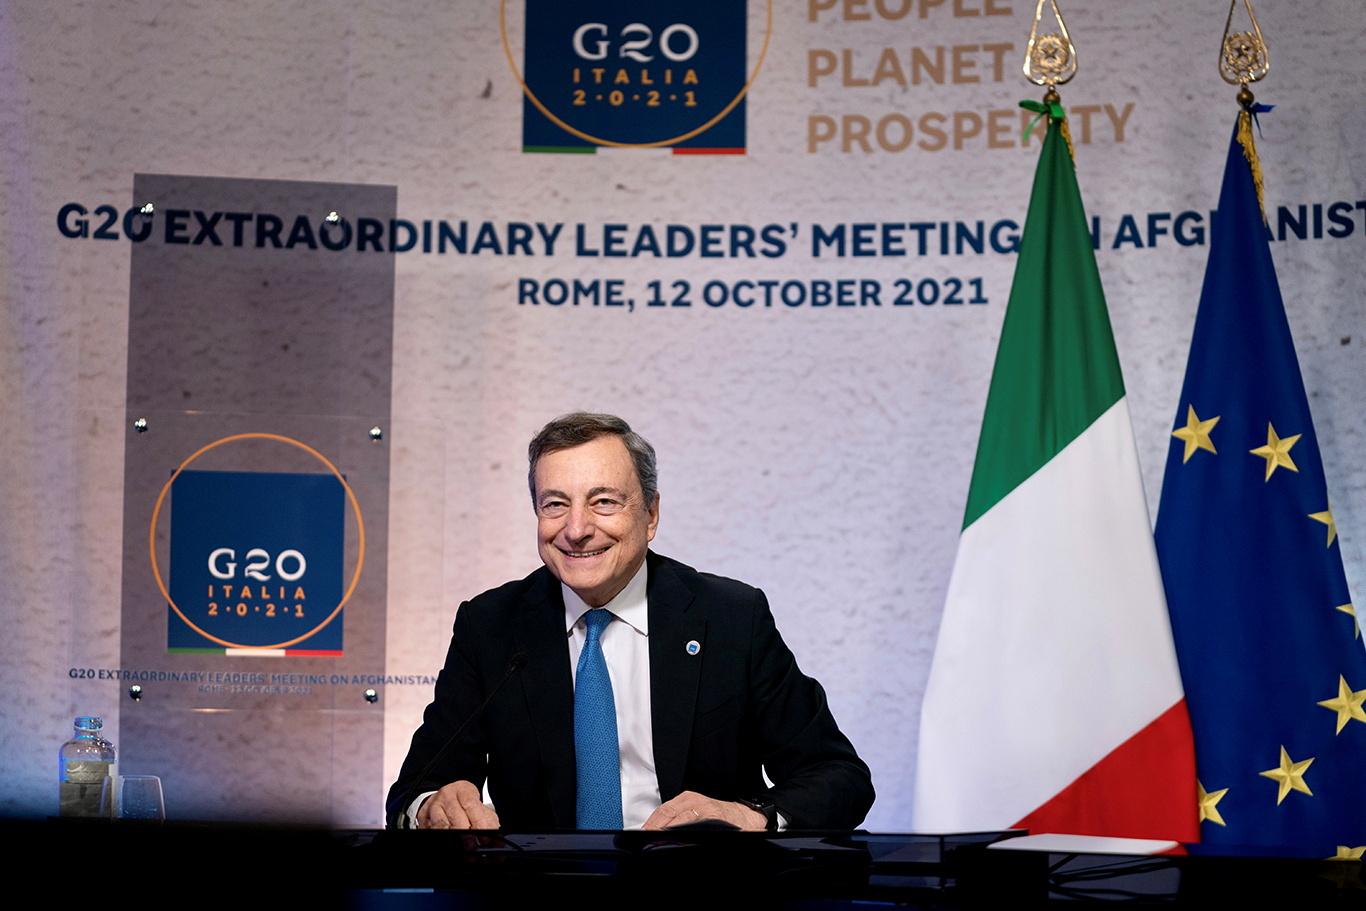 رئيس الوزراء الايطالي ماريو دراغي